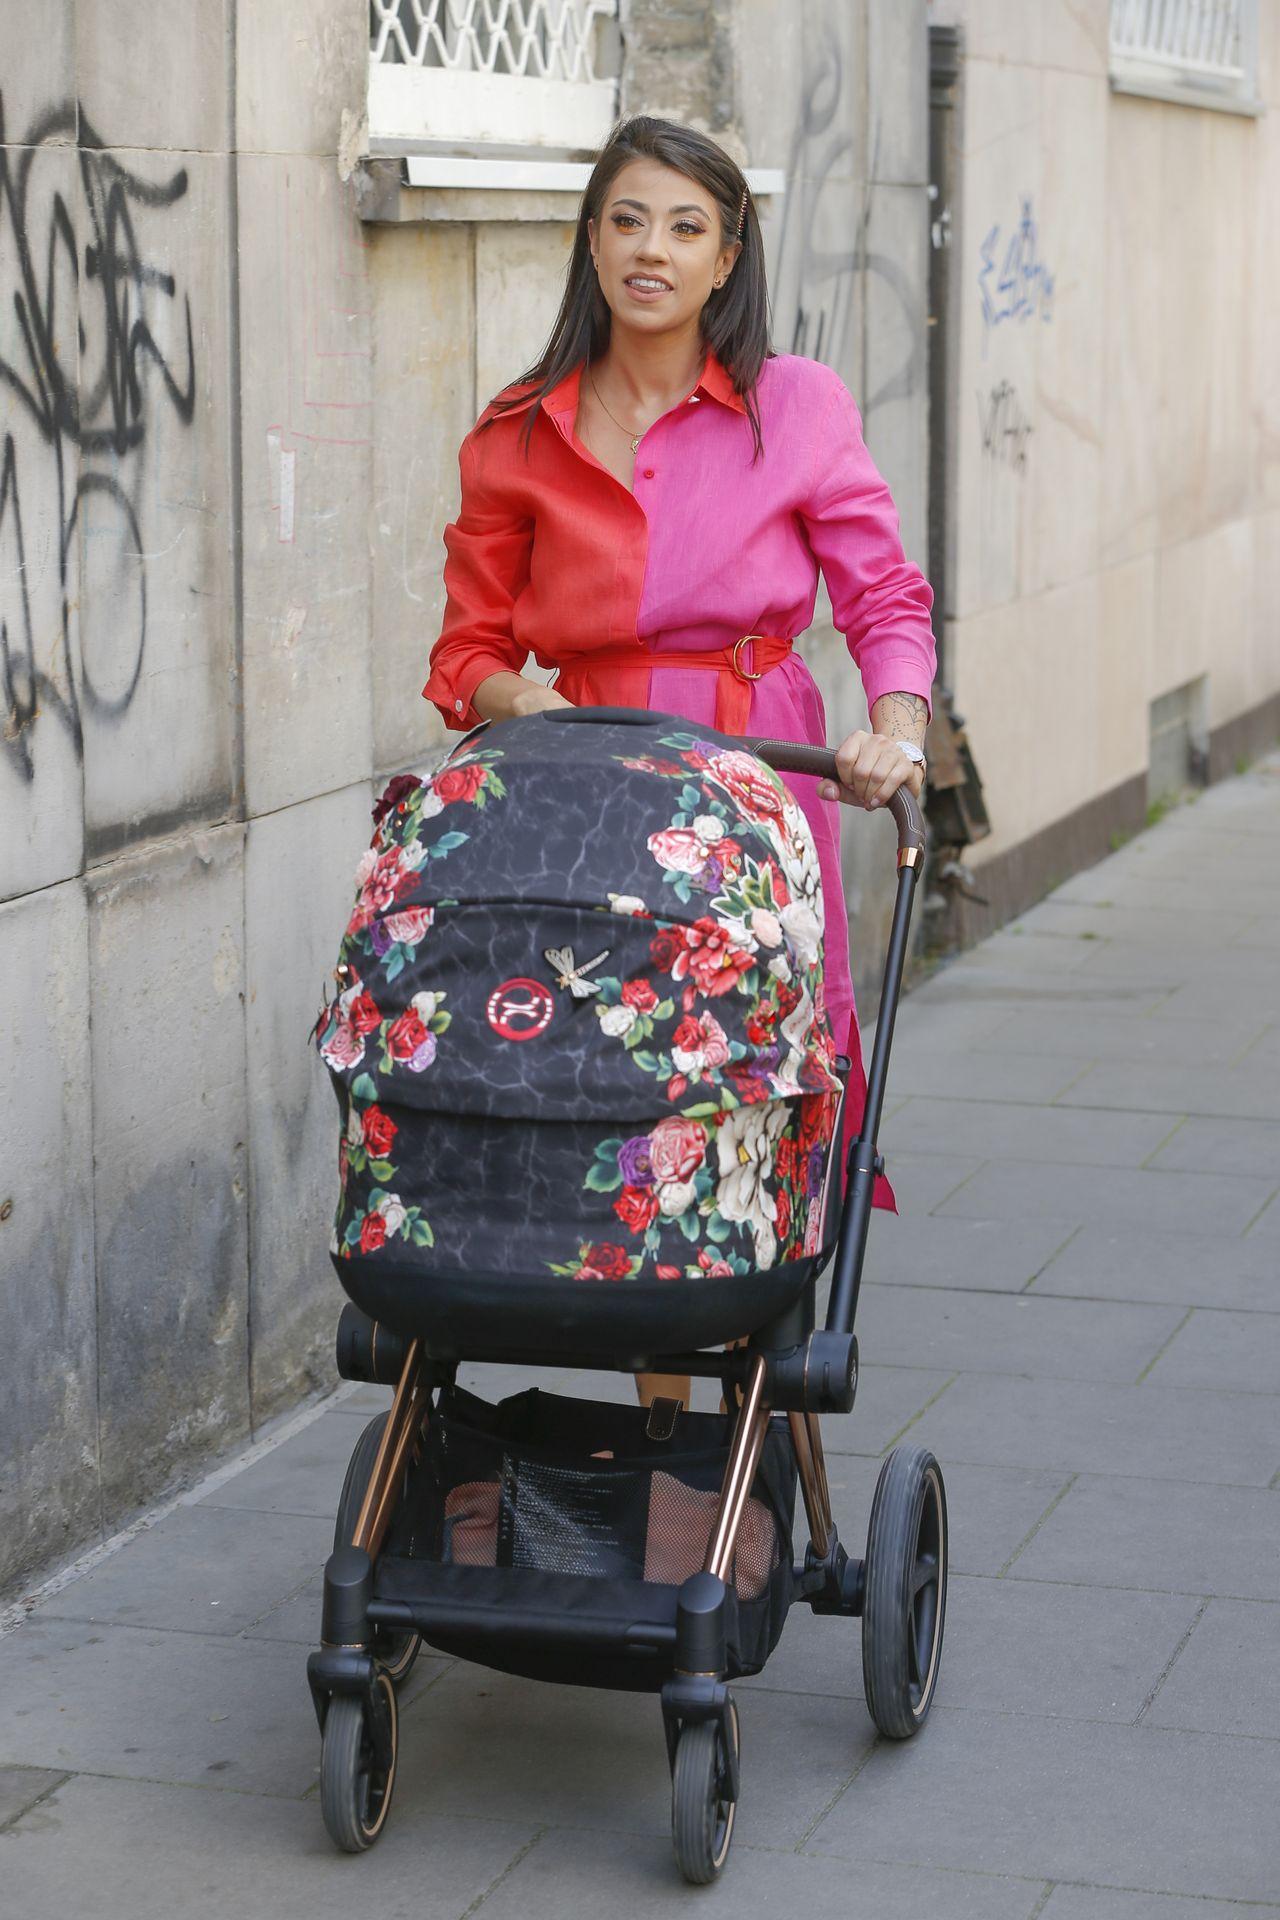 Maja Hyży z wózkiem